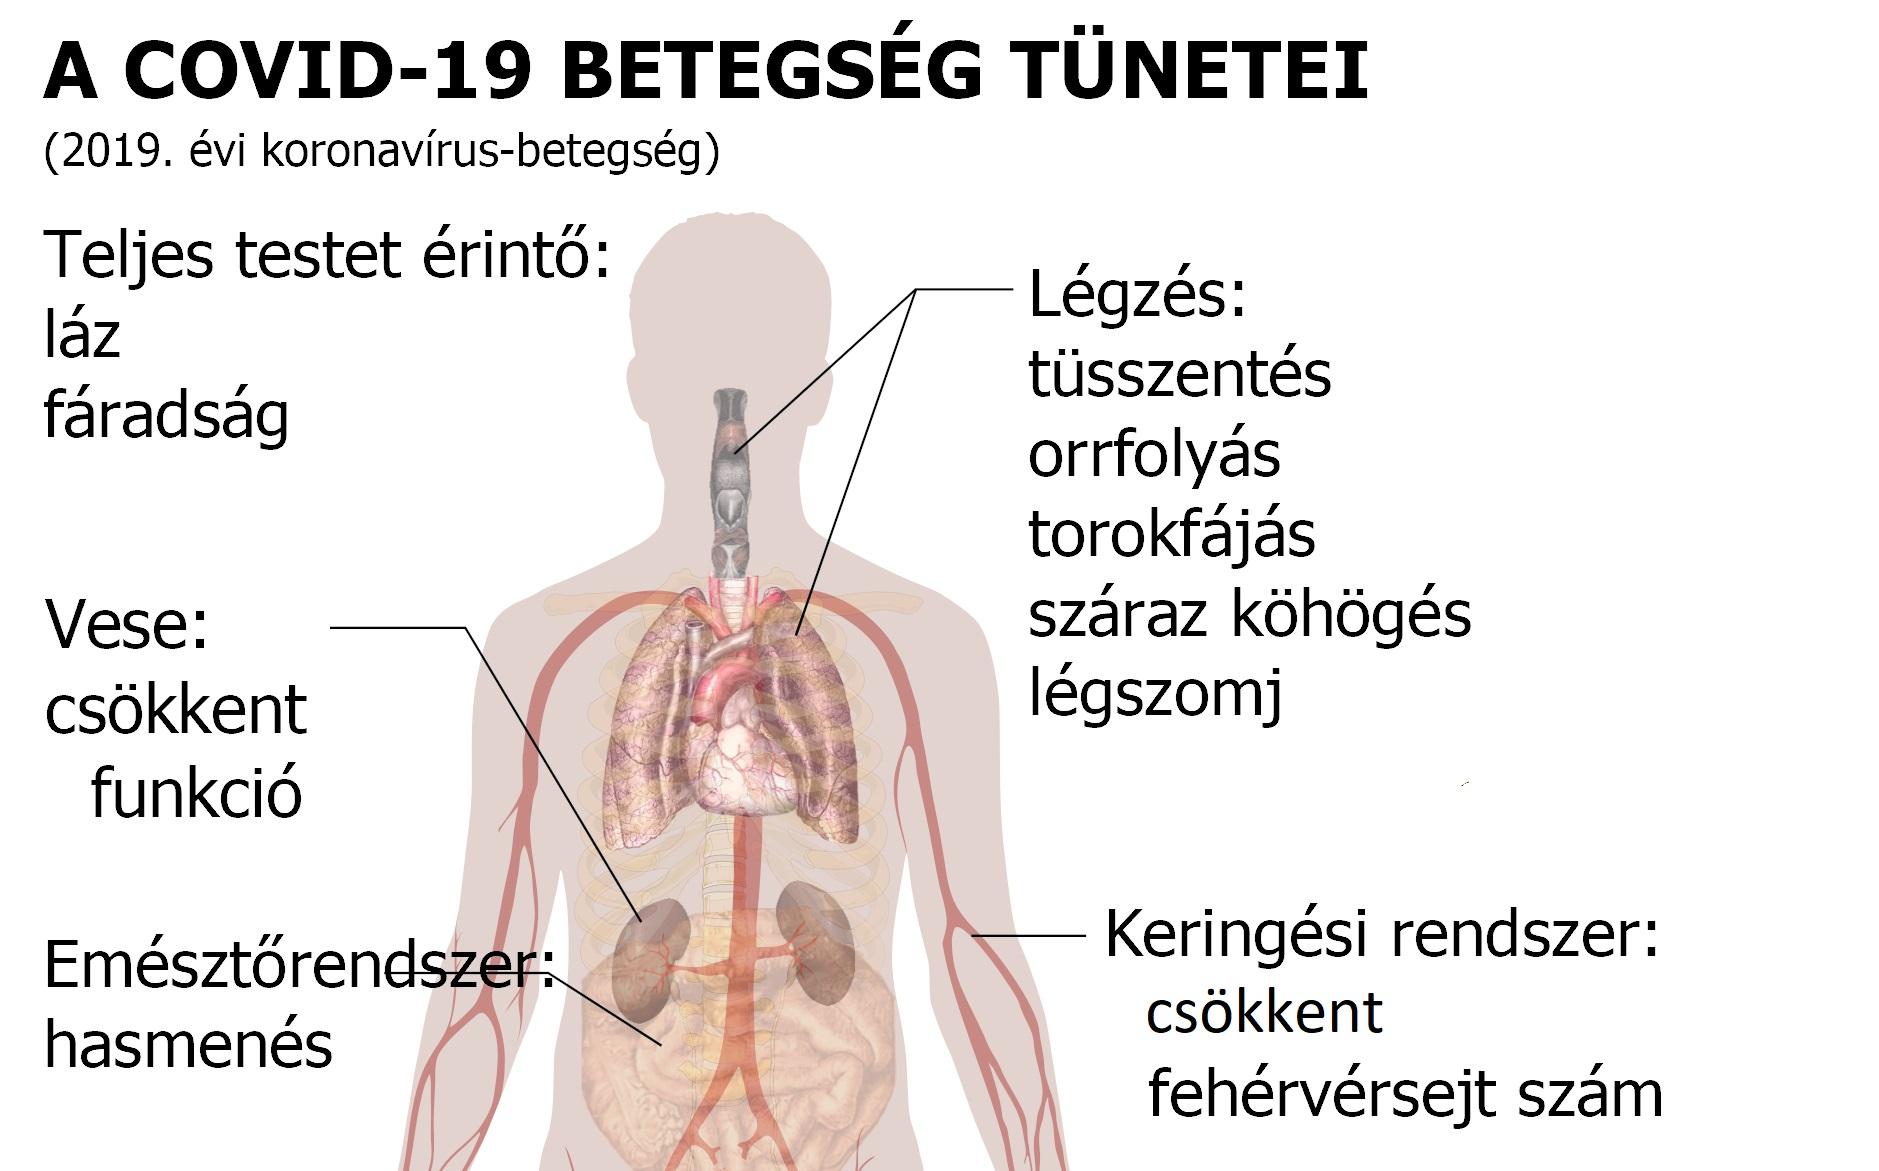 magas vérnyomás klinika etiológiája diéta a táblázatban a magas vérnyomásért